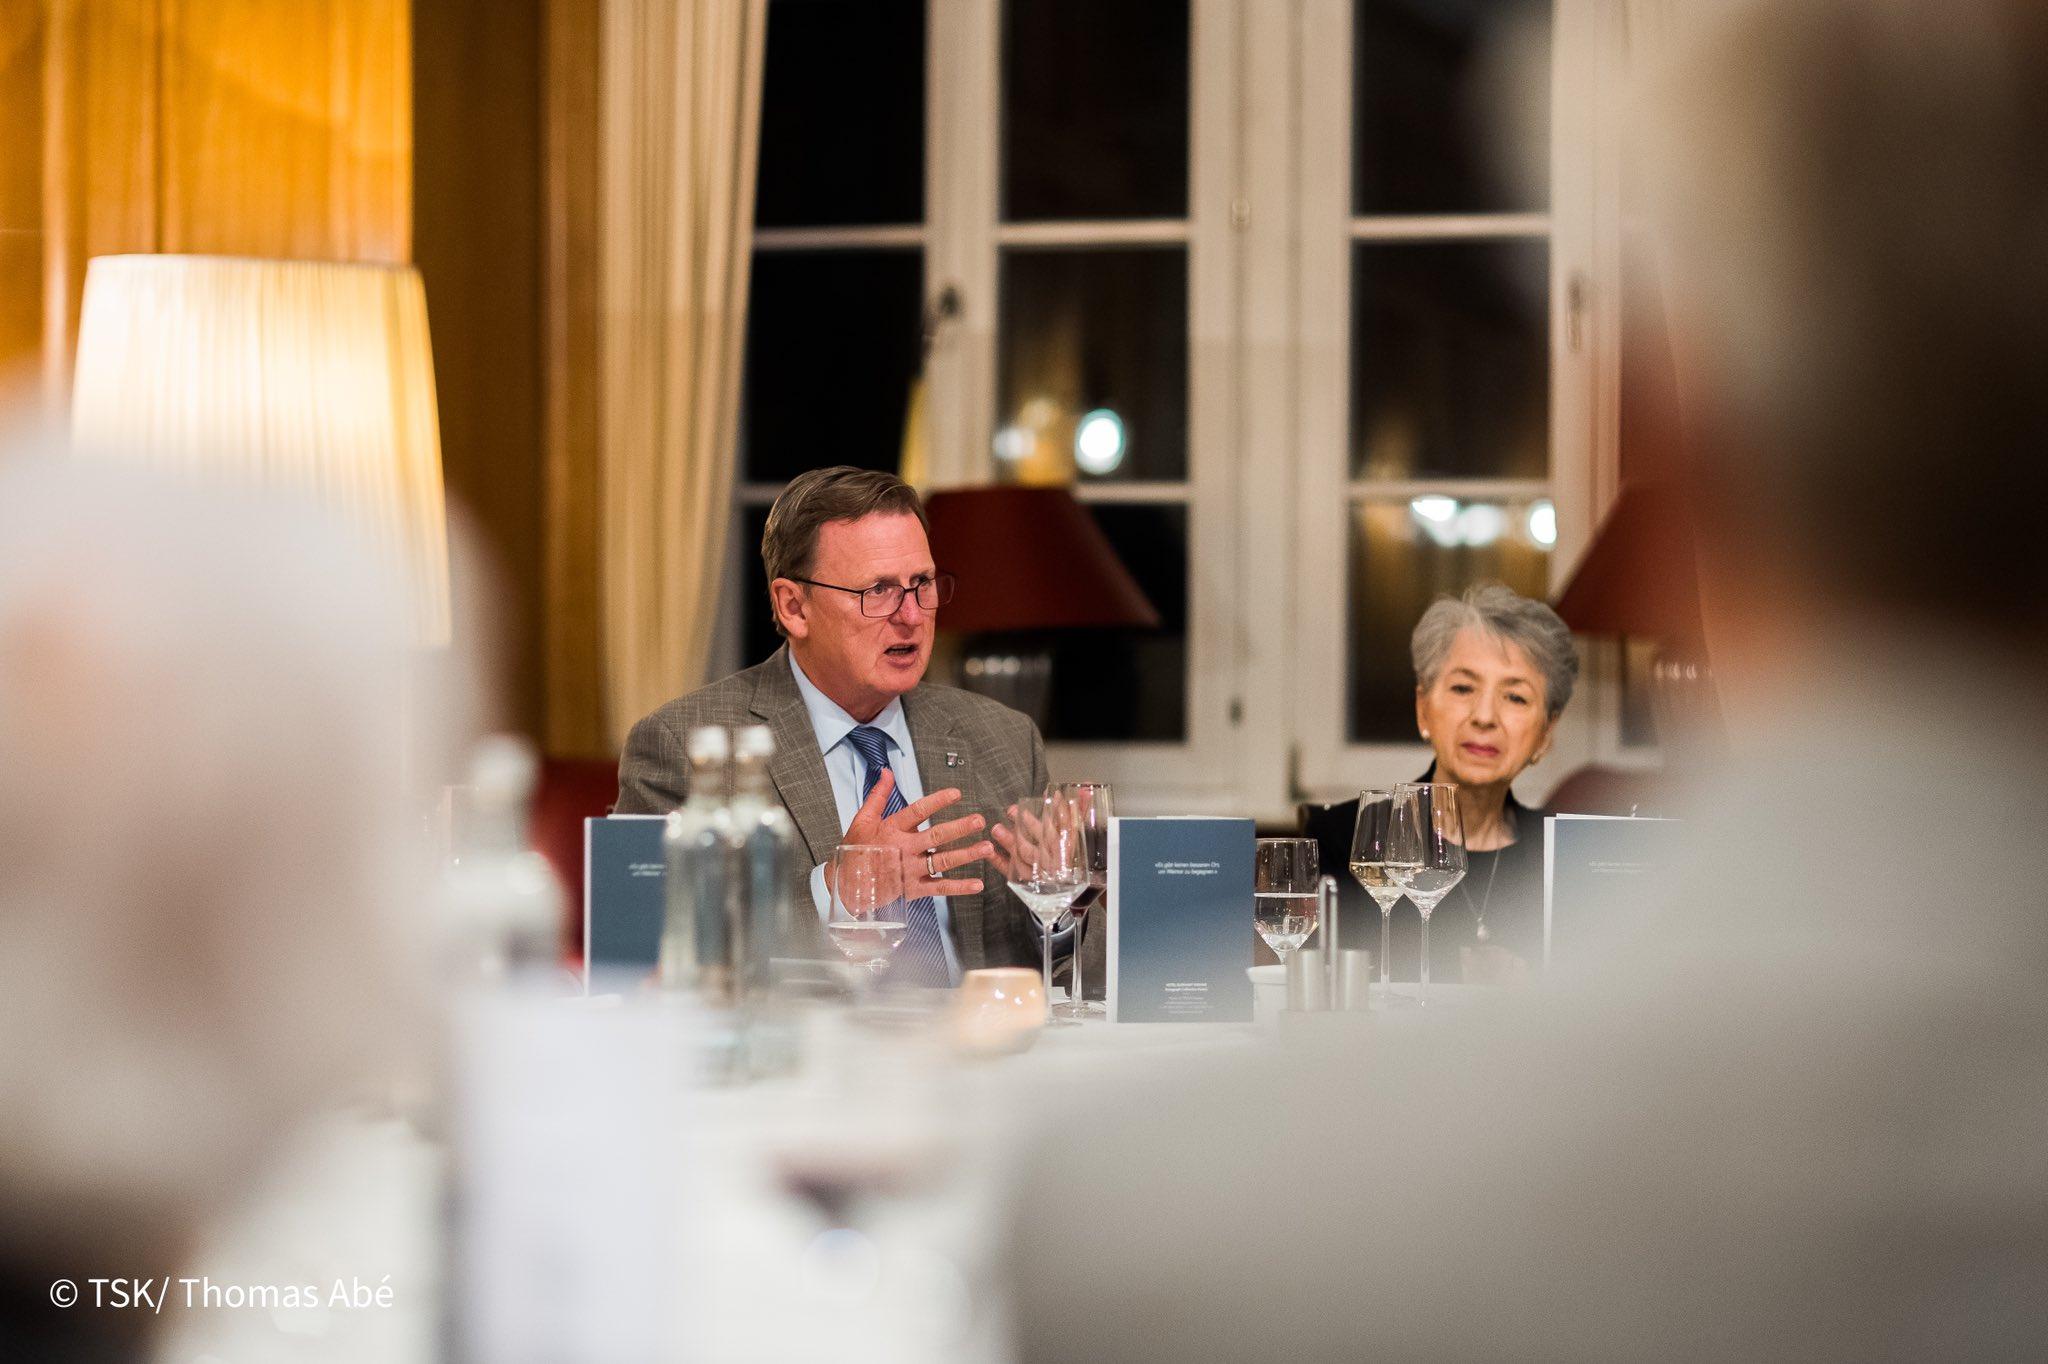 Ministerpräsident Bodo Ramelow führte ein Dialog im Rahmen eines Abendessens unter anderem mit fünf Personen, die den menschenverachtenden Wahnsinn des Holocaust überlebten